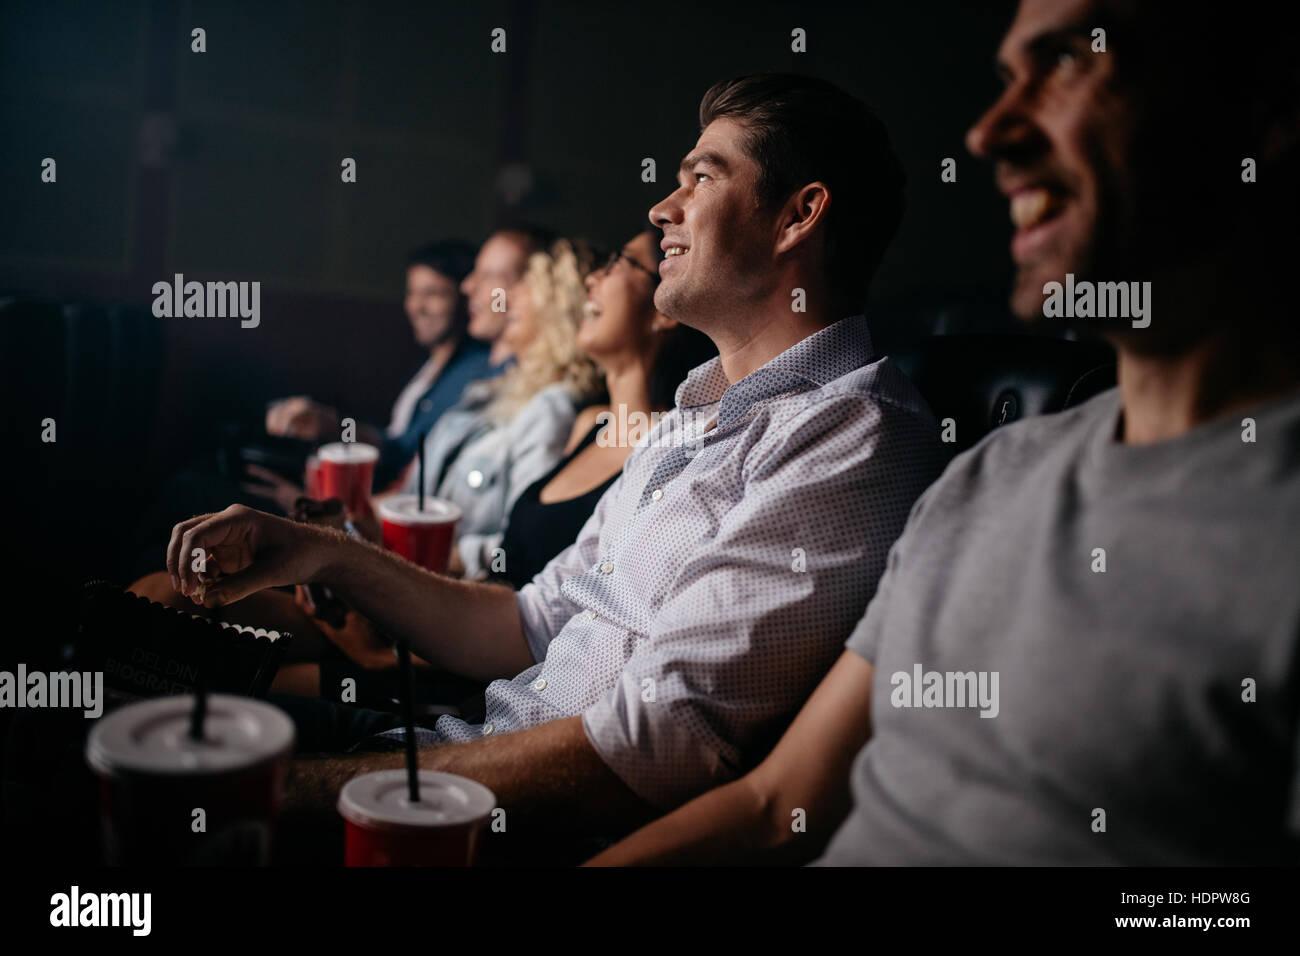 Groupe de jeunes gens assis dans la salle de cinéma regarder la vidéo. Groupe multiracial d'amis regarder Photo Stock